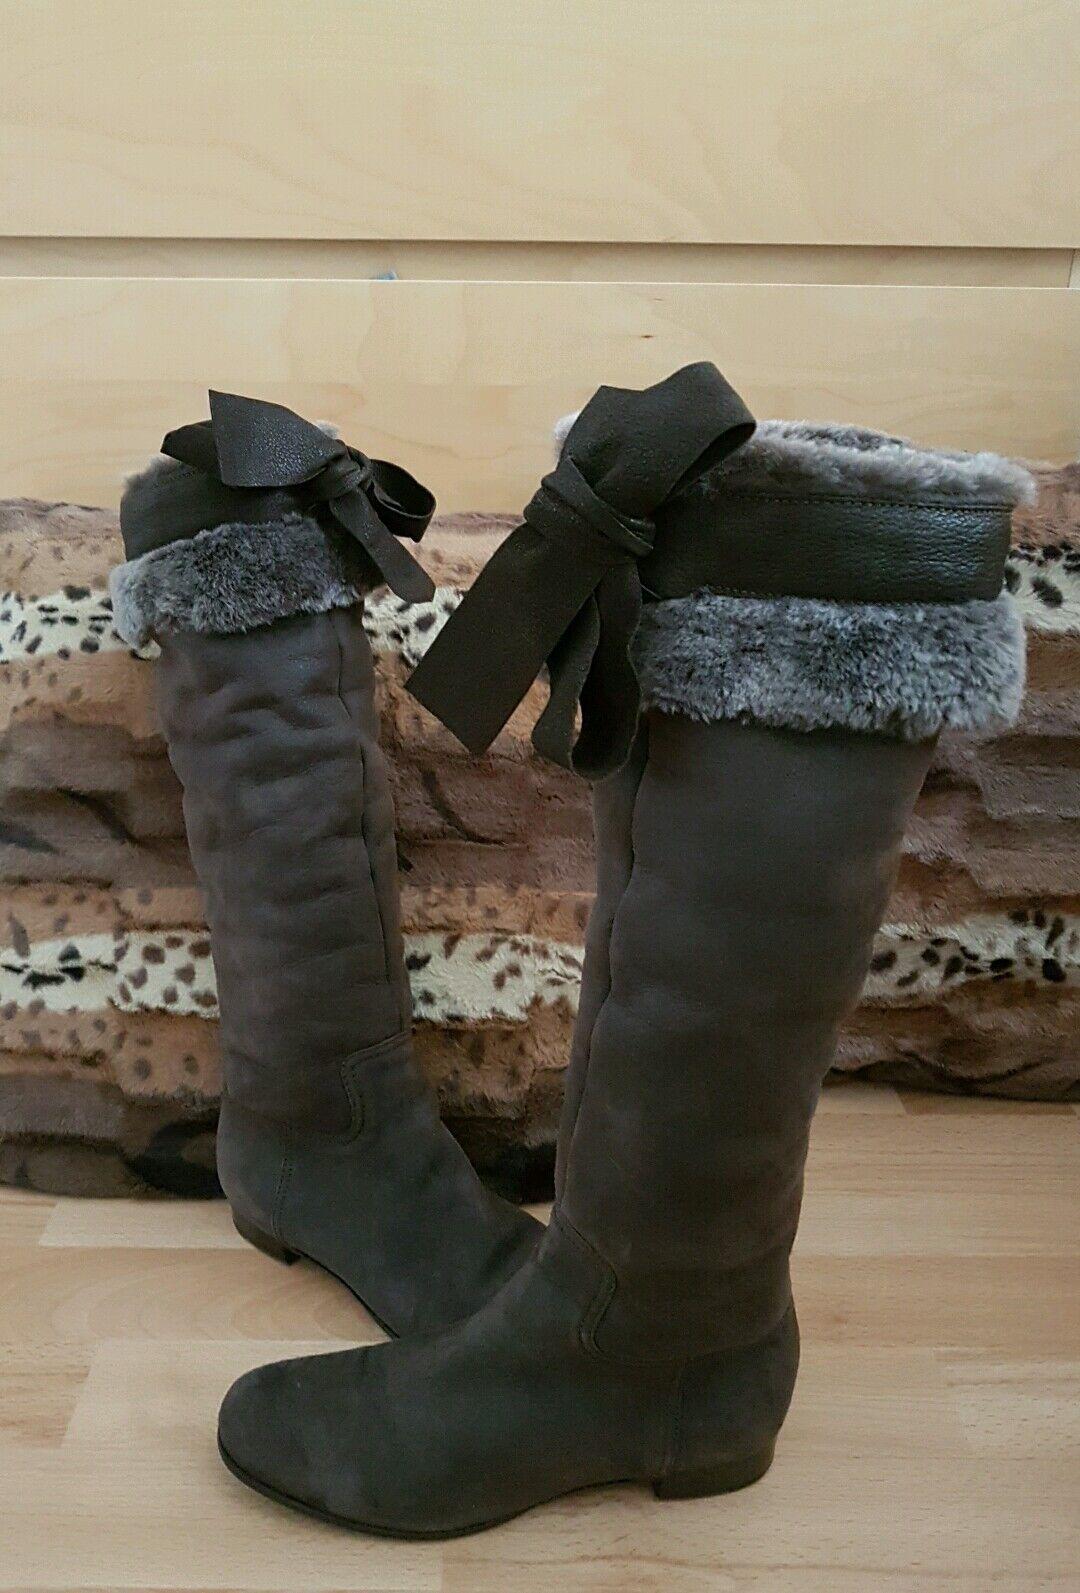 Stunning Miu Miu Winter shoes with fur, size EUR36.5 - VGC